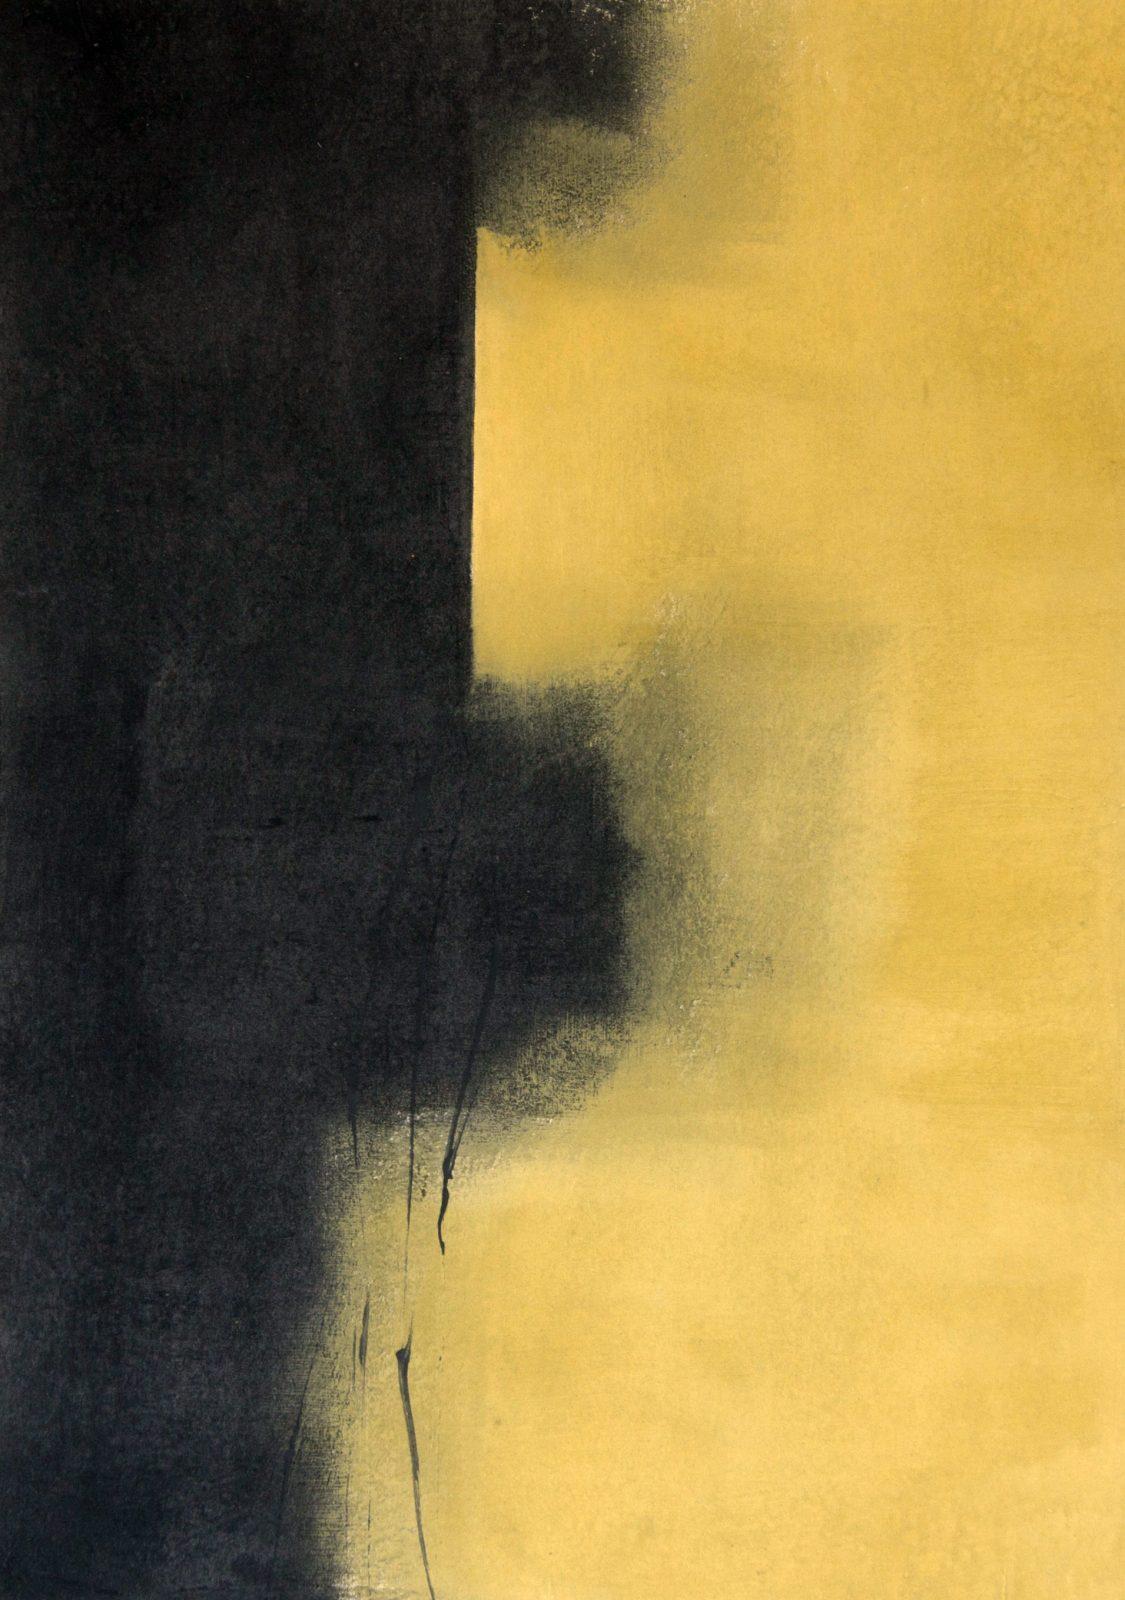 NÖ Waldviertel Galerie Kunst - Das war: Holger Musiol